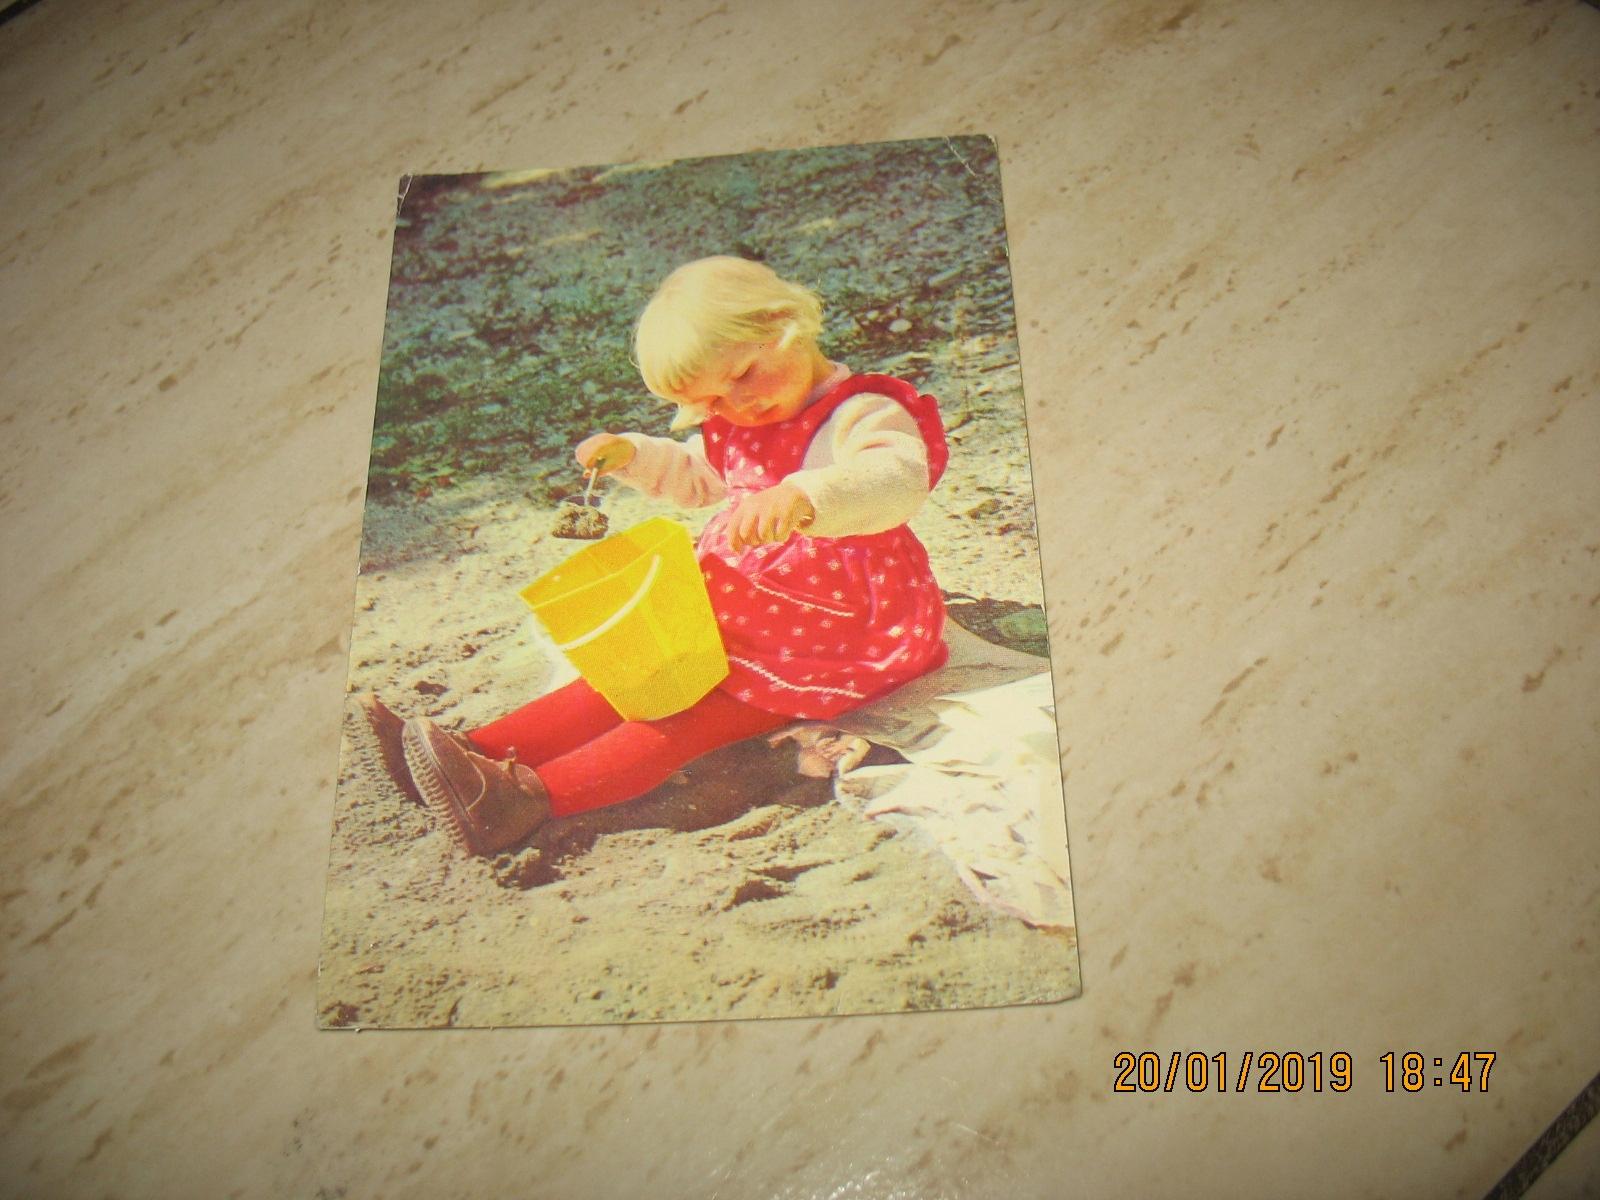 Dziecko zabawka wiaderko stara pocztówka